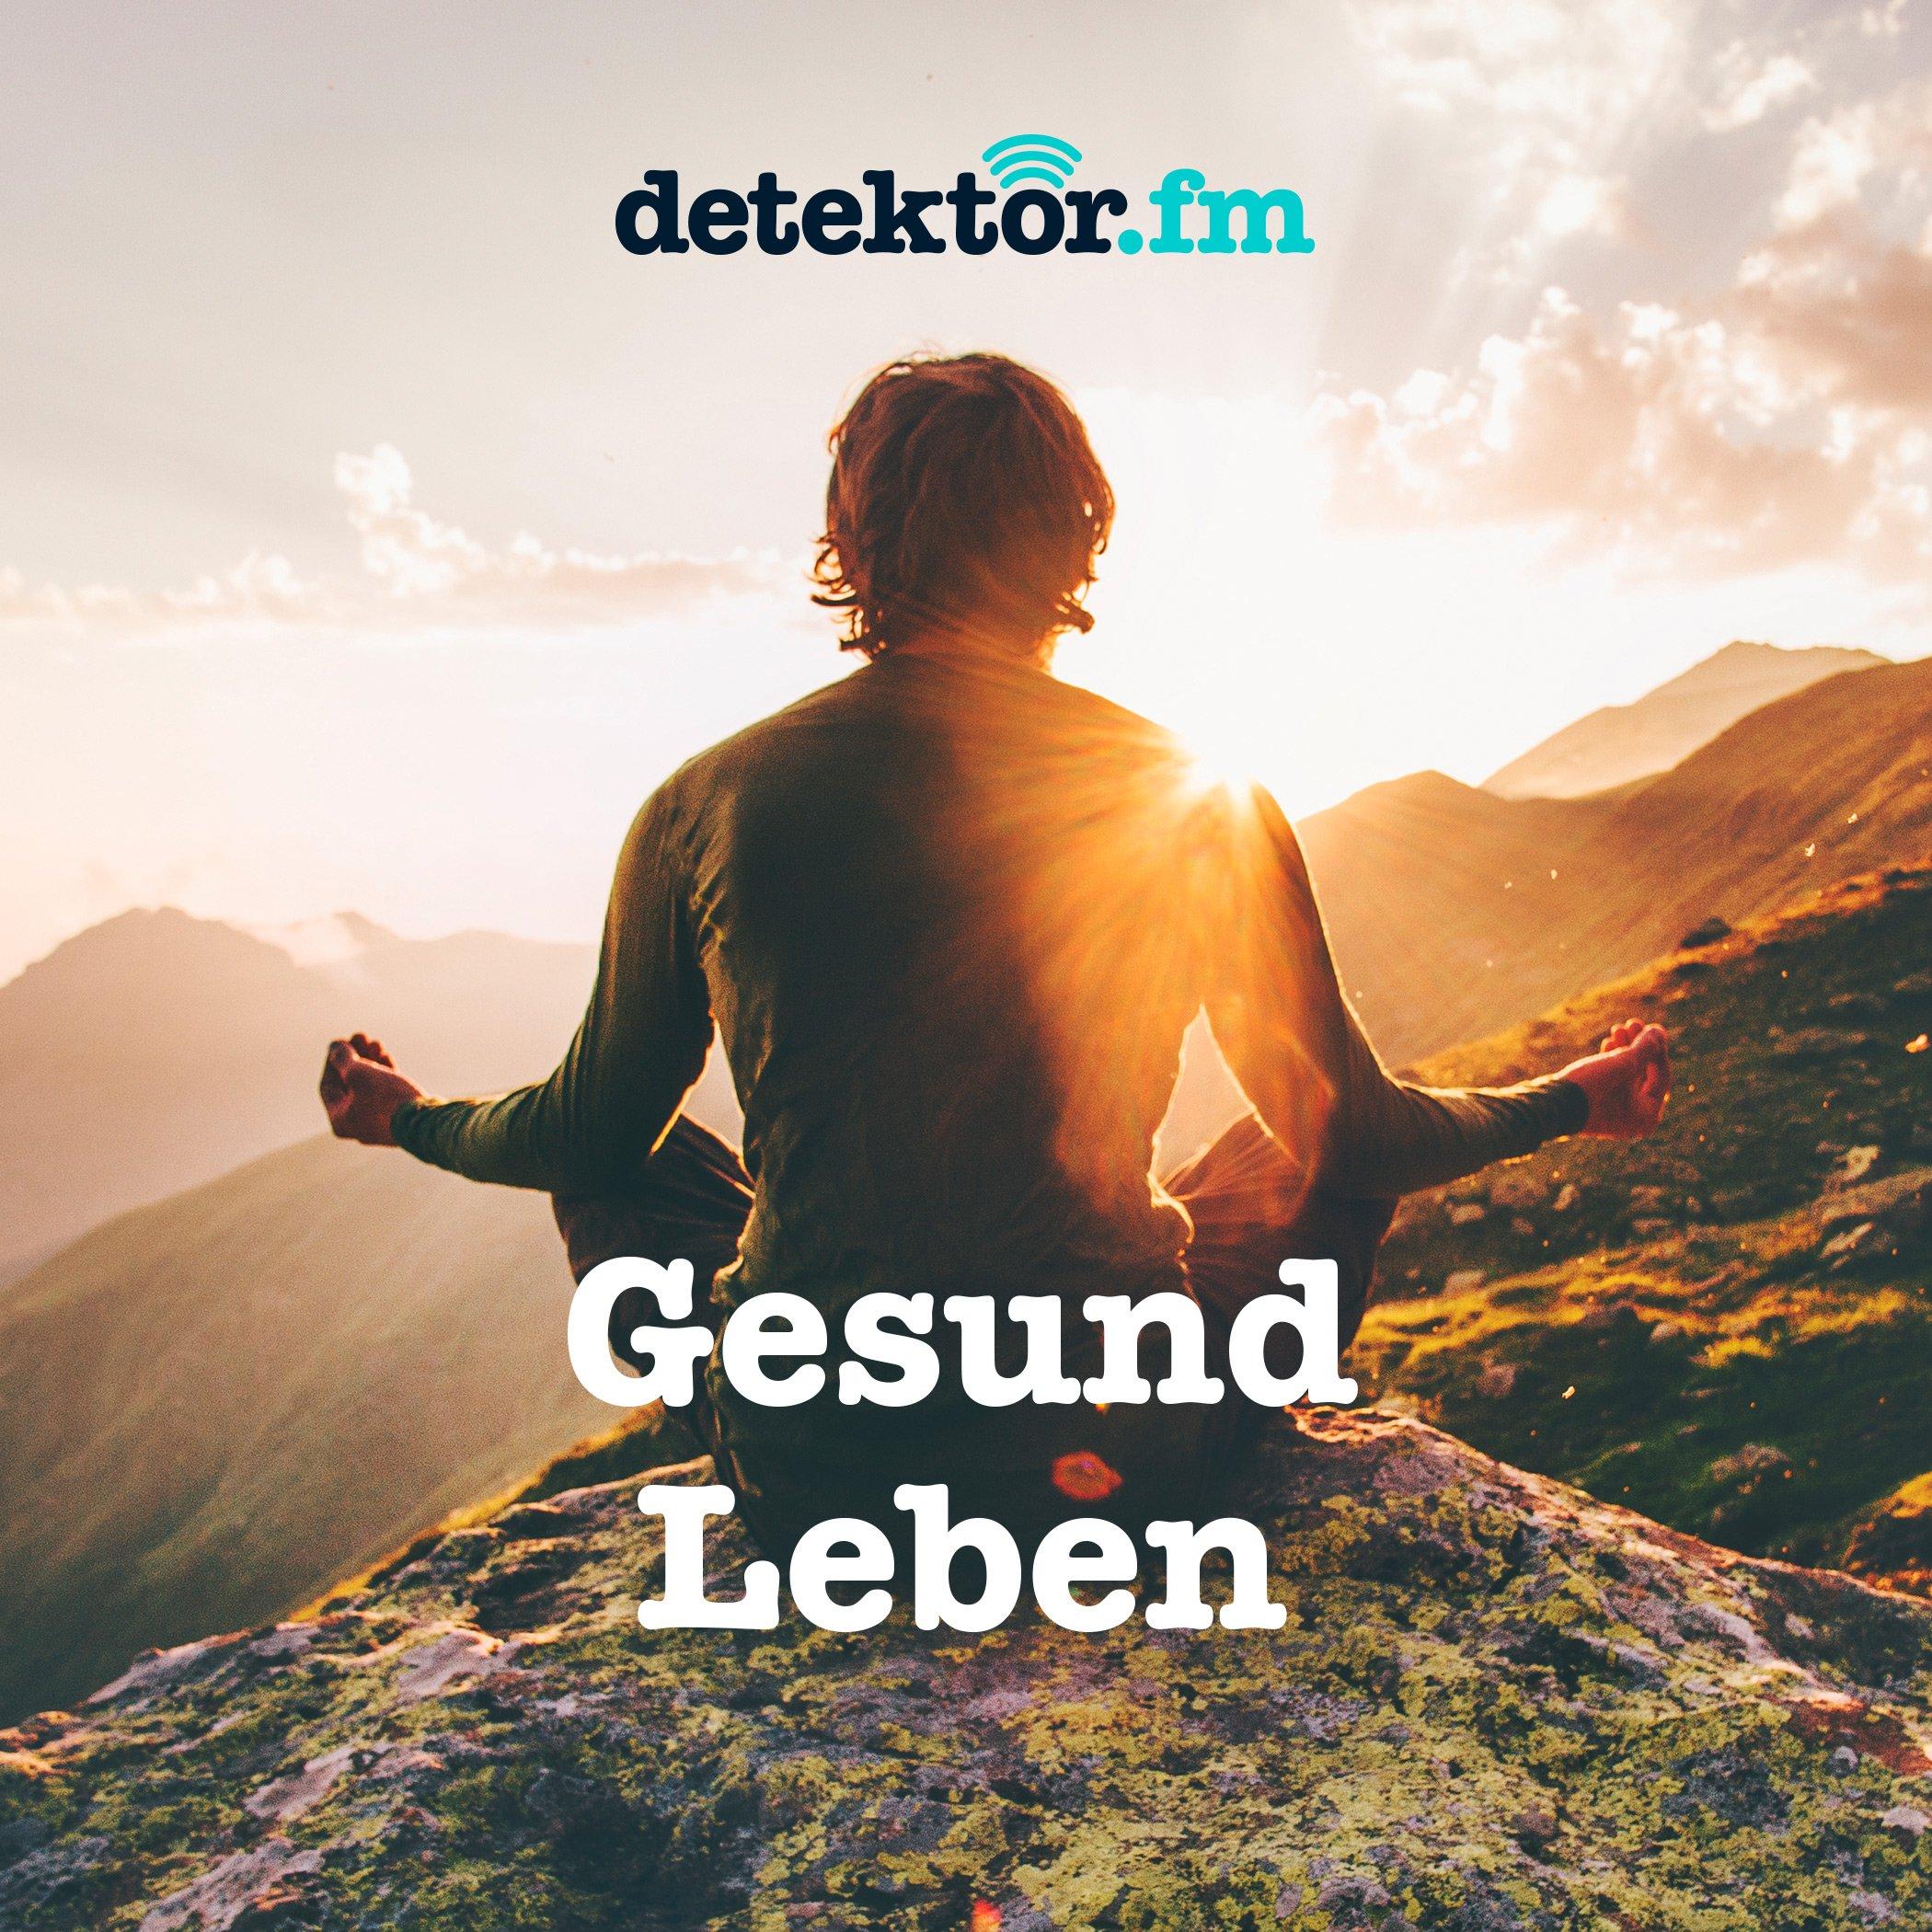 Gesund-Leben – detektor.fm